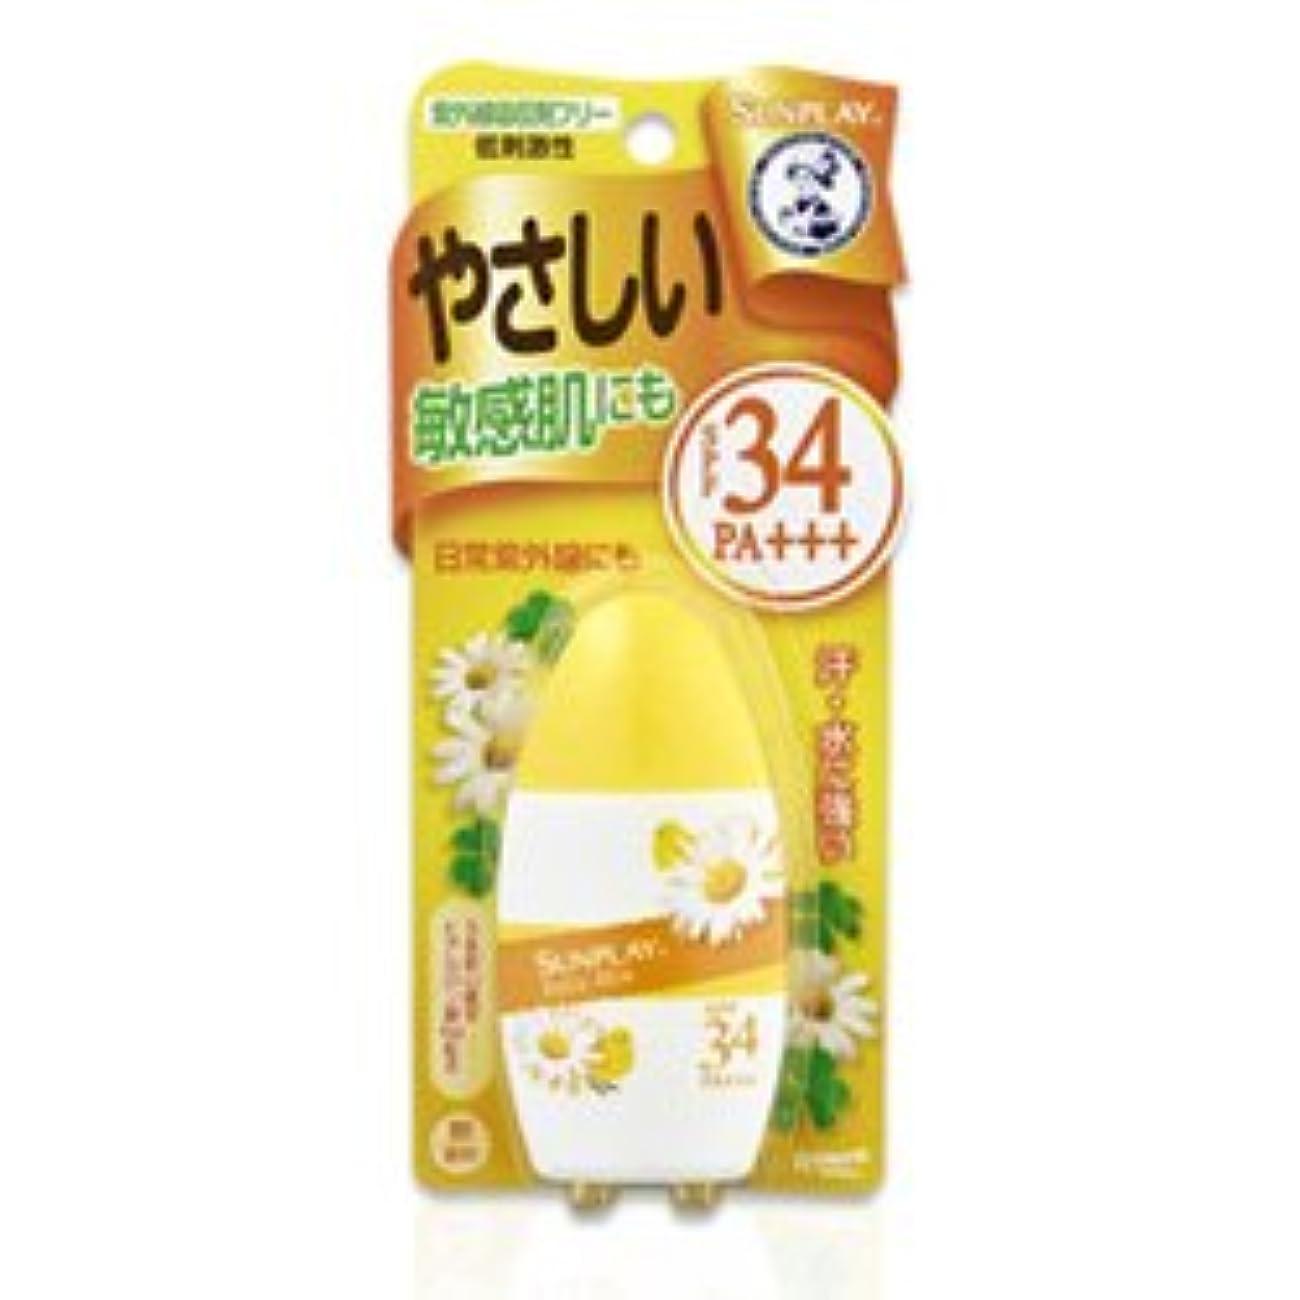 でる何よりも心のこもった【ロート製薬】メンソレータム サンプレイ ベビーミルク 30g ×20個セット